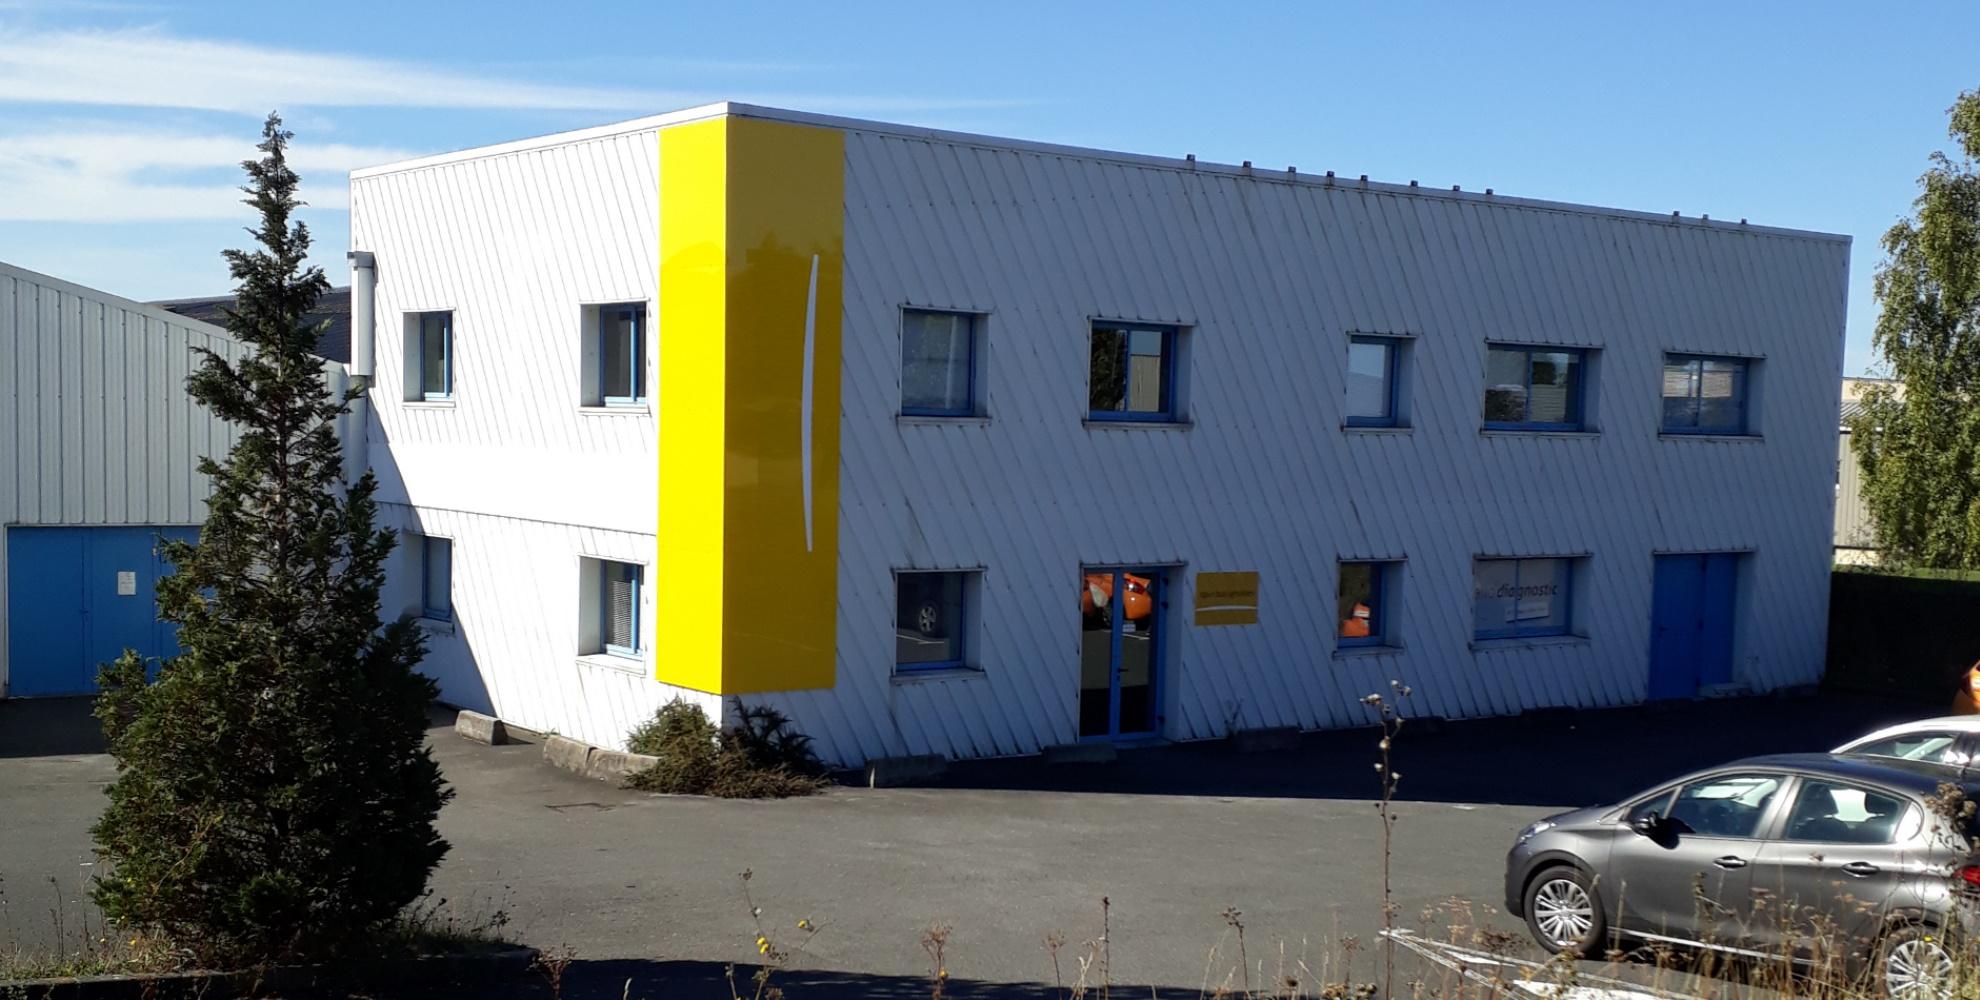 Local d'activité à louer 749 m² ifs - Normandie Aménagement